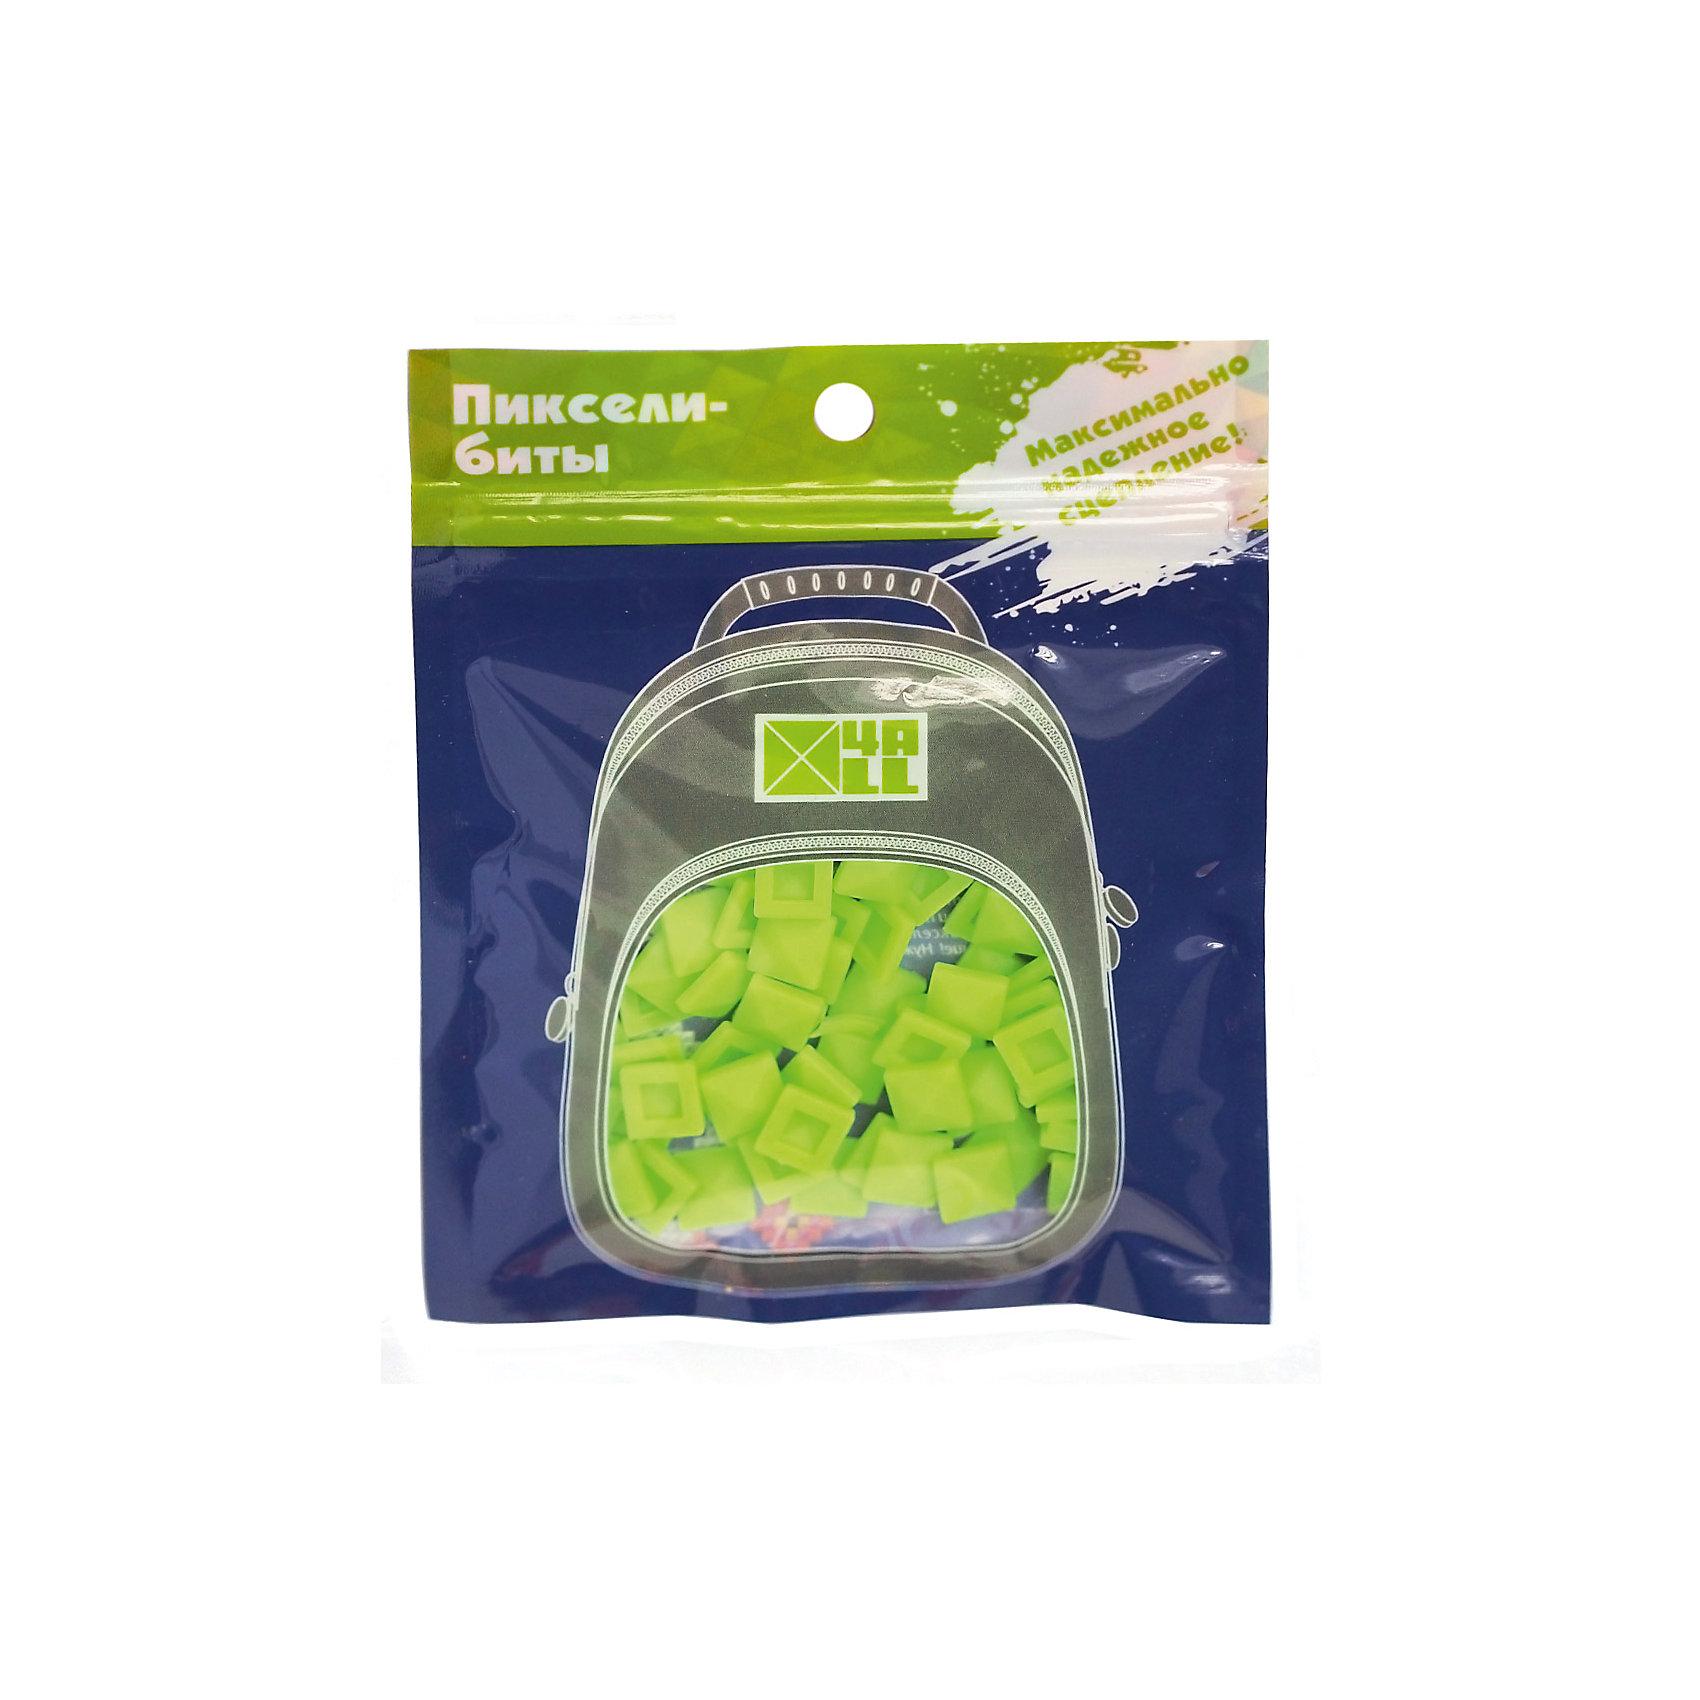 Набор для рюкзака 4ALL пиксель-Бит, салатовый, 80 штРюкзаки<br>Набор для творчества пиксель-Бит, салатовый, 80 шт.<br><br>Характеристики:<br><br>• Для детей от 3 лет<br>• Количество: 80 шт.<br>• Размер: 0,5х0,5 см.<br>• Цвет: салатовый<br>• Материал: высококачественный силикон<br>• Размер упаковки: 14х11 см.<br><br>Придумай и создай дизайн своего рюкзака Case самостоятельно с наборами для творчества пиксель-Бит. Биты для пикселей легко и прочно крепятся на переднюю панель рюкзака благодаря уникальной конструкции замка. Битами можно выкладывать любые картинки или слова. Набор подходит для декорирования рюкзаков серии 4all Case. Изготовлен из высококачественного гипоаллергенного силикона. Развивает мелкую моторику рук, творческий потенциал и воображение.<br><br>Набор для творчества пиксель-Бит, салатовые, 80 шт можно купить в нашем интернет-магазине.<br><br>Ширина мм: 140<br>Глубина мм: 110<br>Высота мм: 50<br>Вес г: 25<br>Возраст от месяцев: 36<br>Возраст до месяцев: 2147483647<br>Пол: Унисекс<br>Возраст: Детский<br>SKU: 5490445